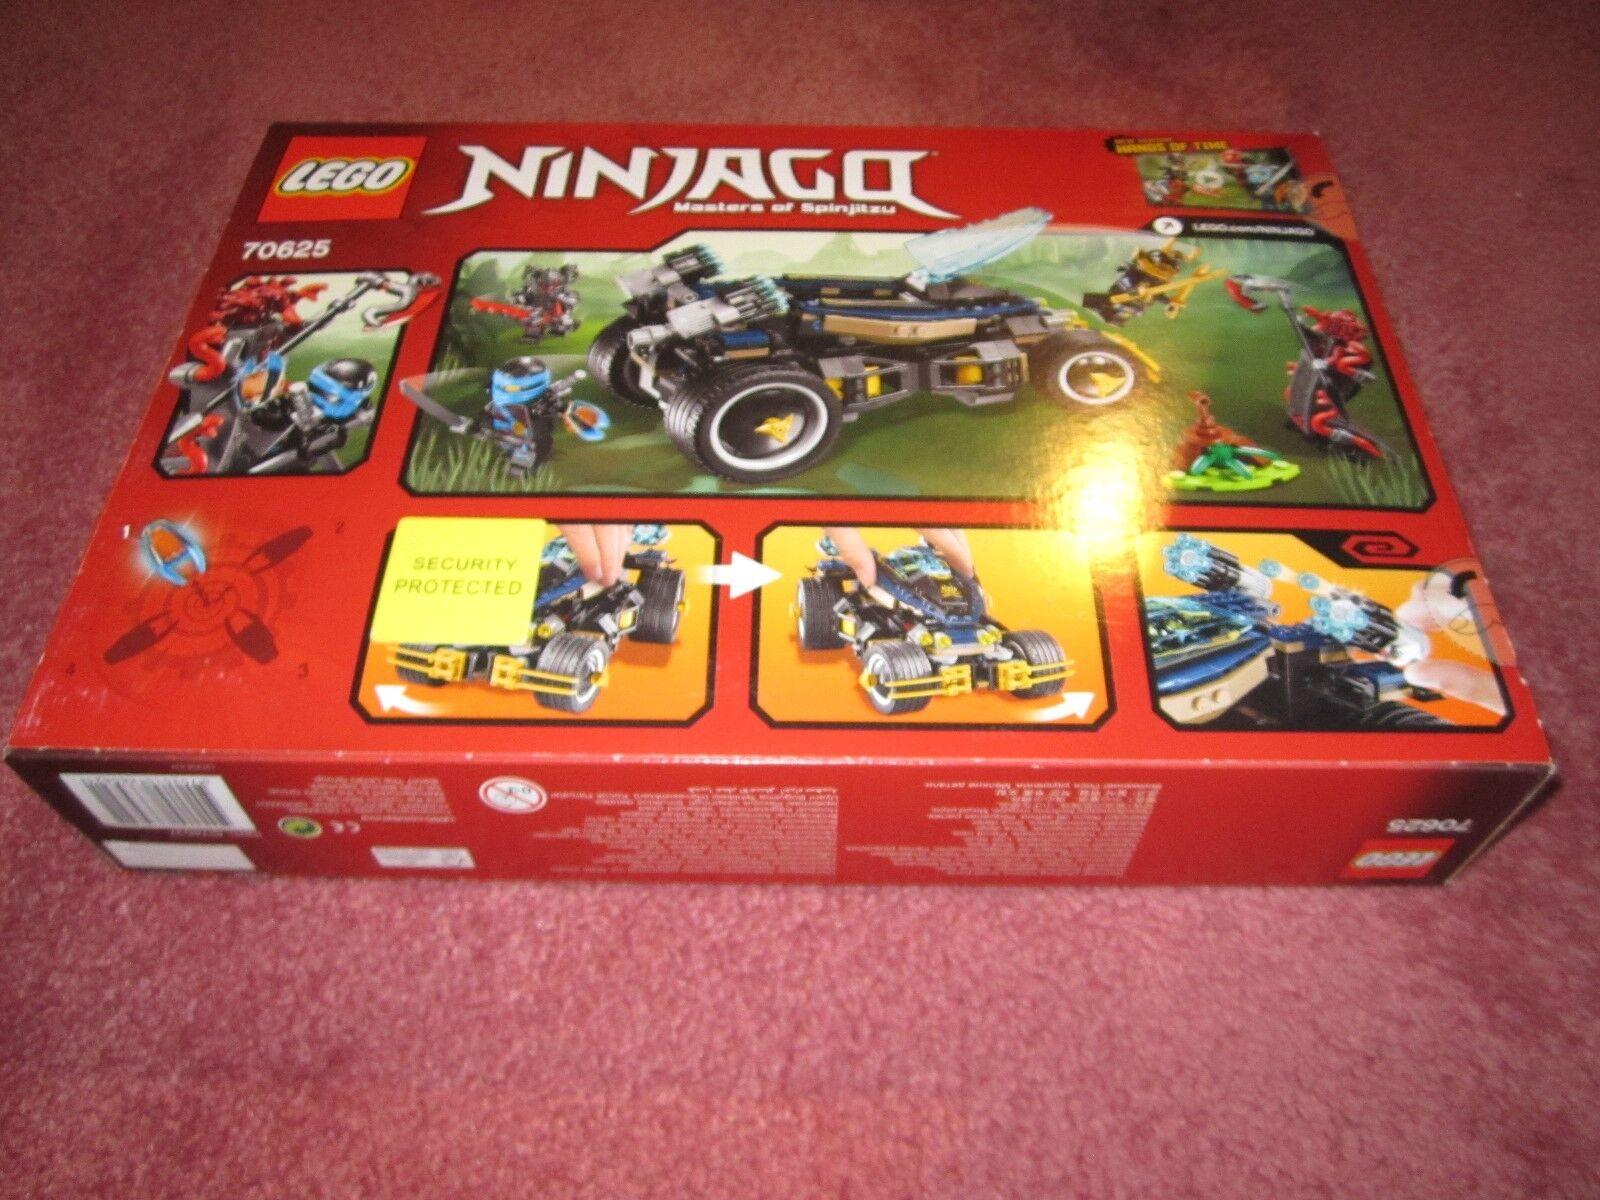 Un fou de Noël remporte une une une grande concurrence Lego Ninjago Samurai VXL 70625-Nouveau/coffret/Scellé | Offre Spéciale  927616